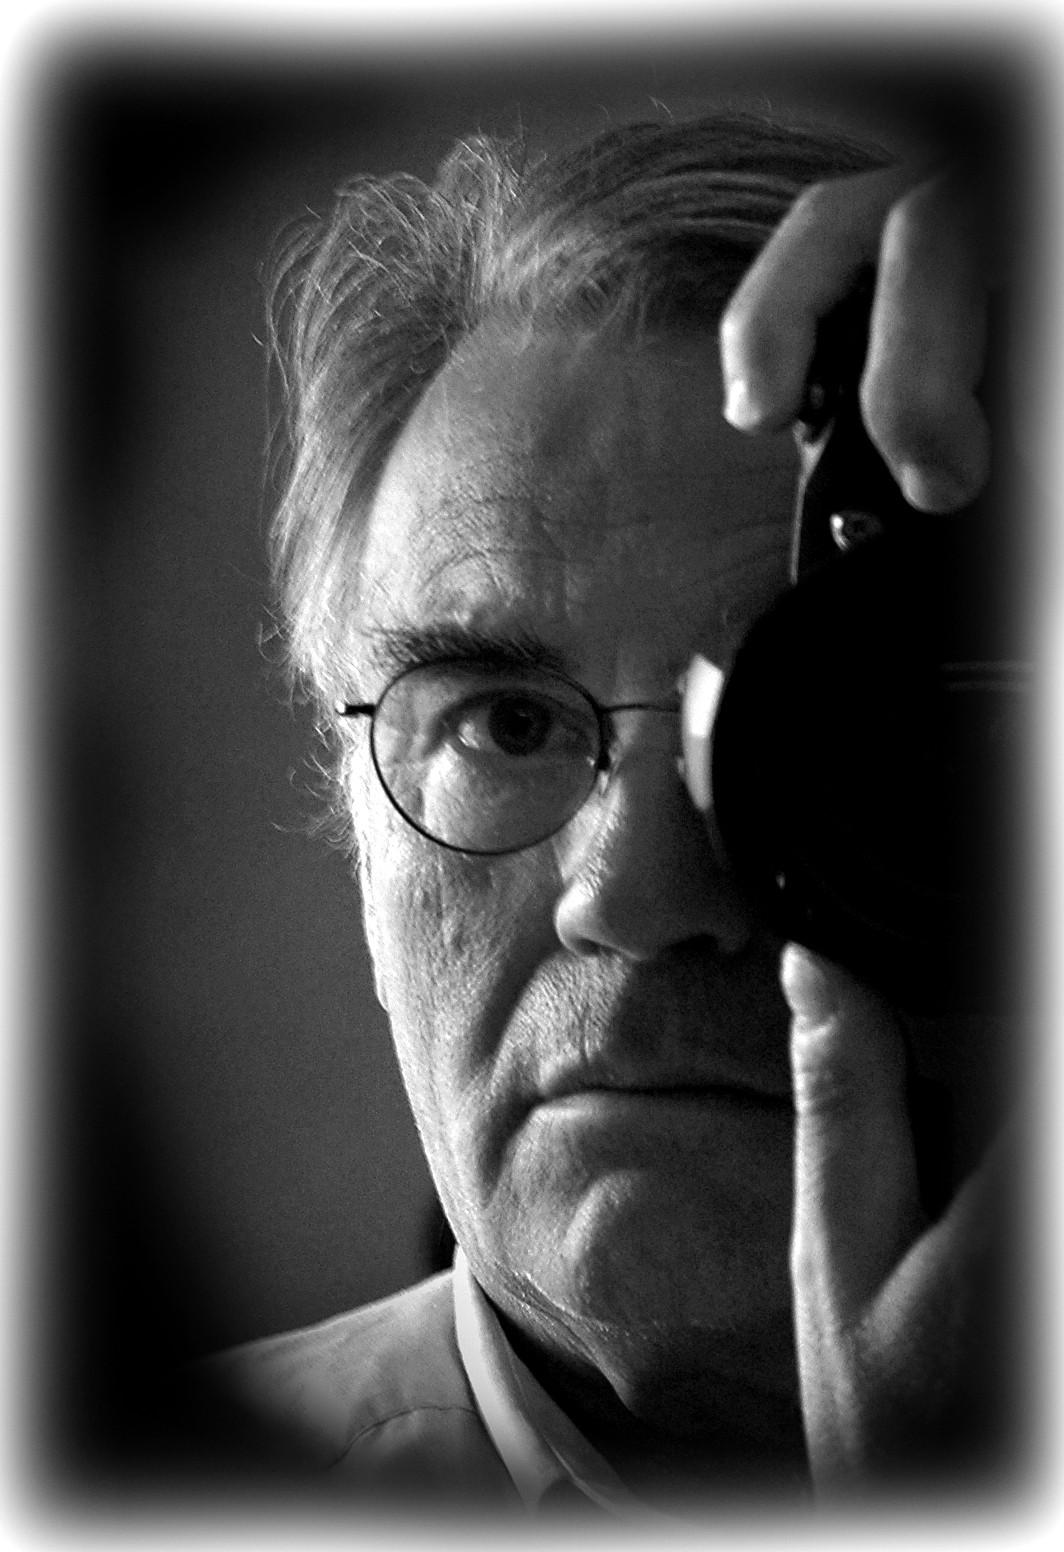 AACDOR-Michel STAUMONT